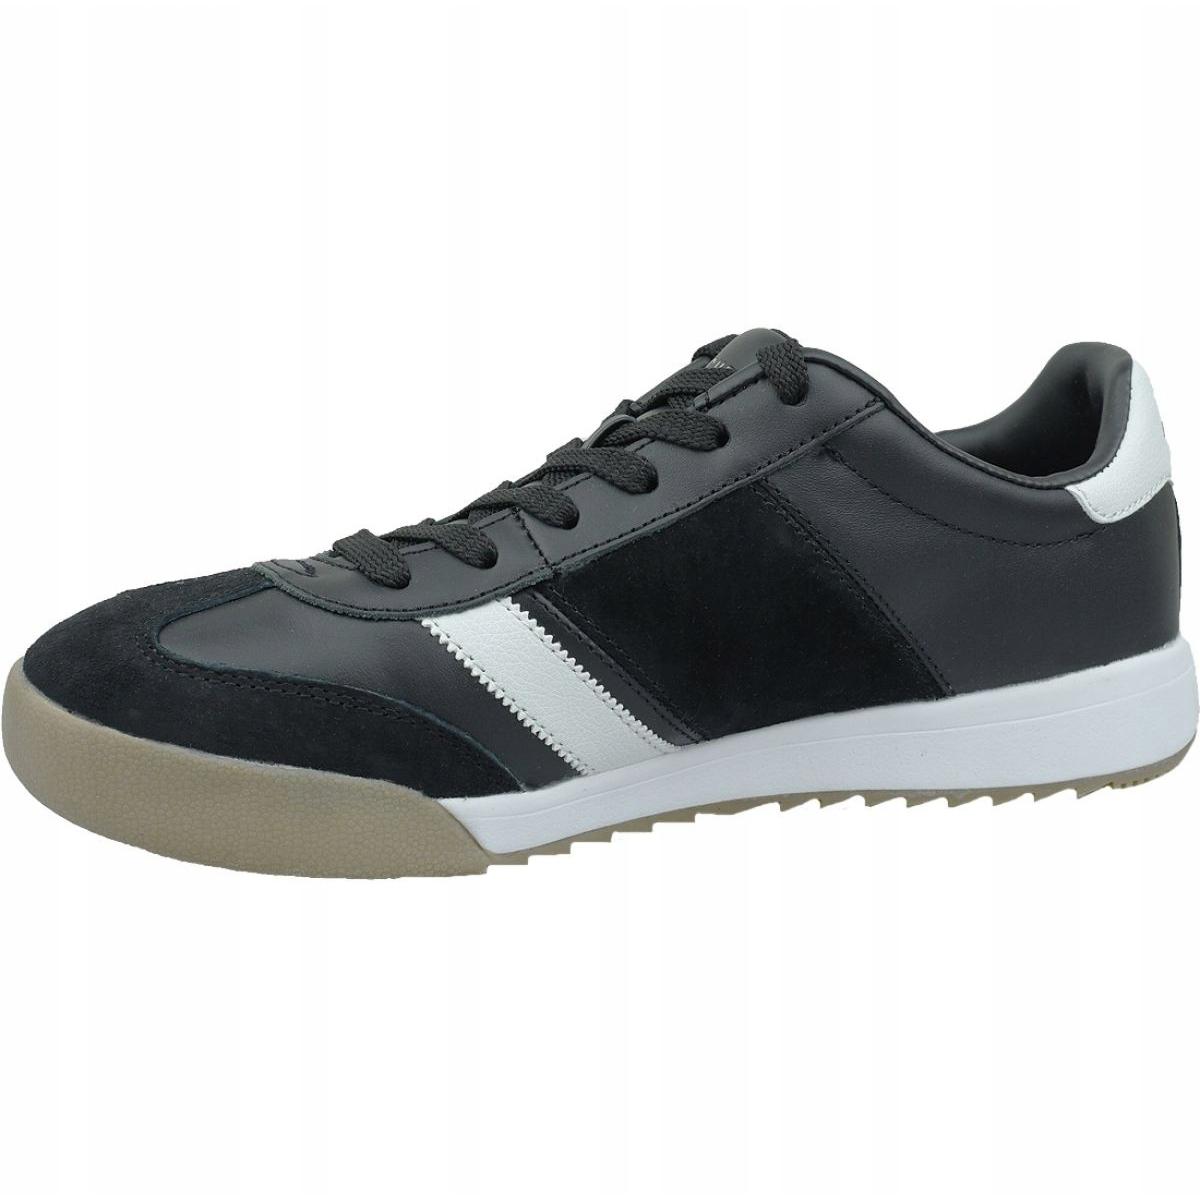 Skechers Zinger Scobie M 52322 BKW cipő fekete